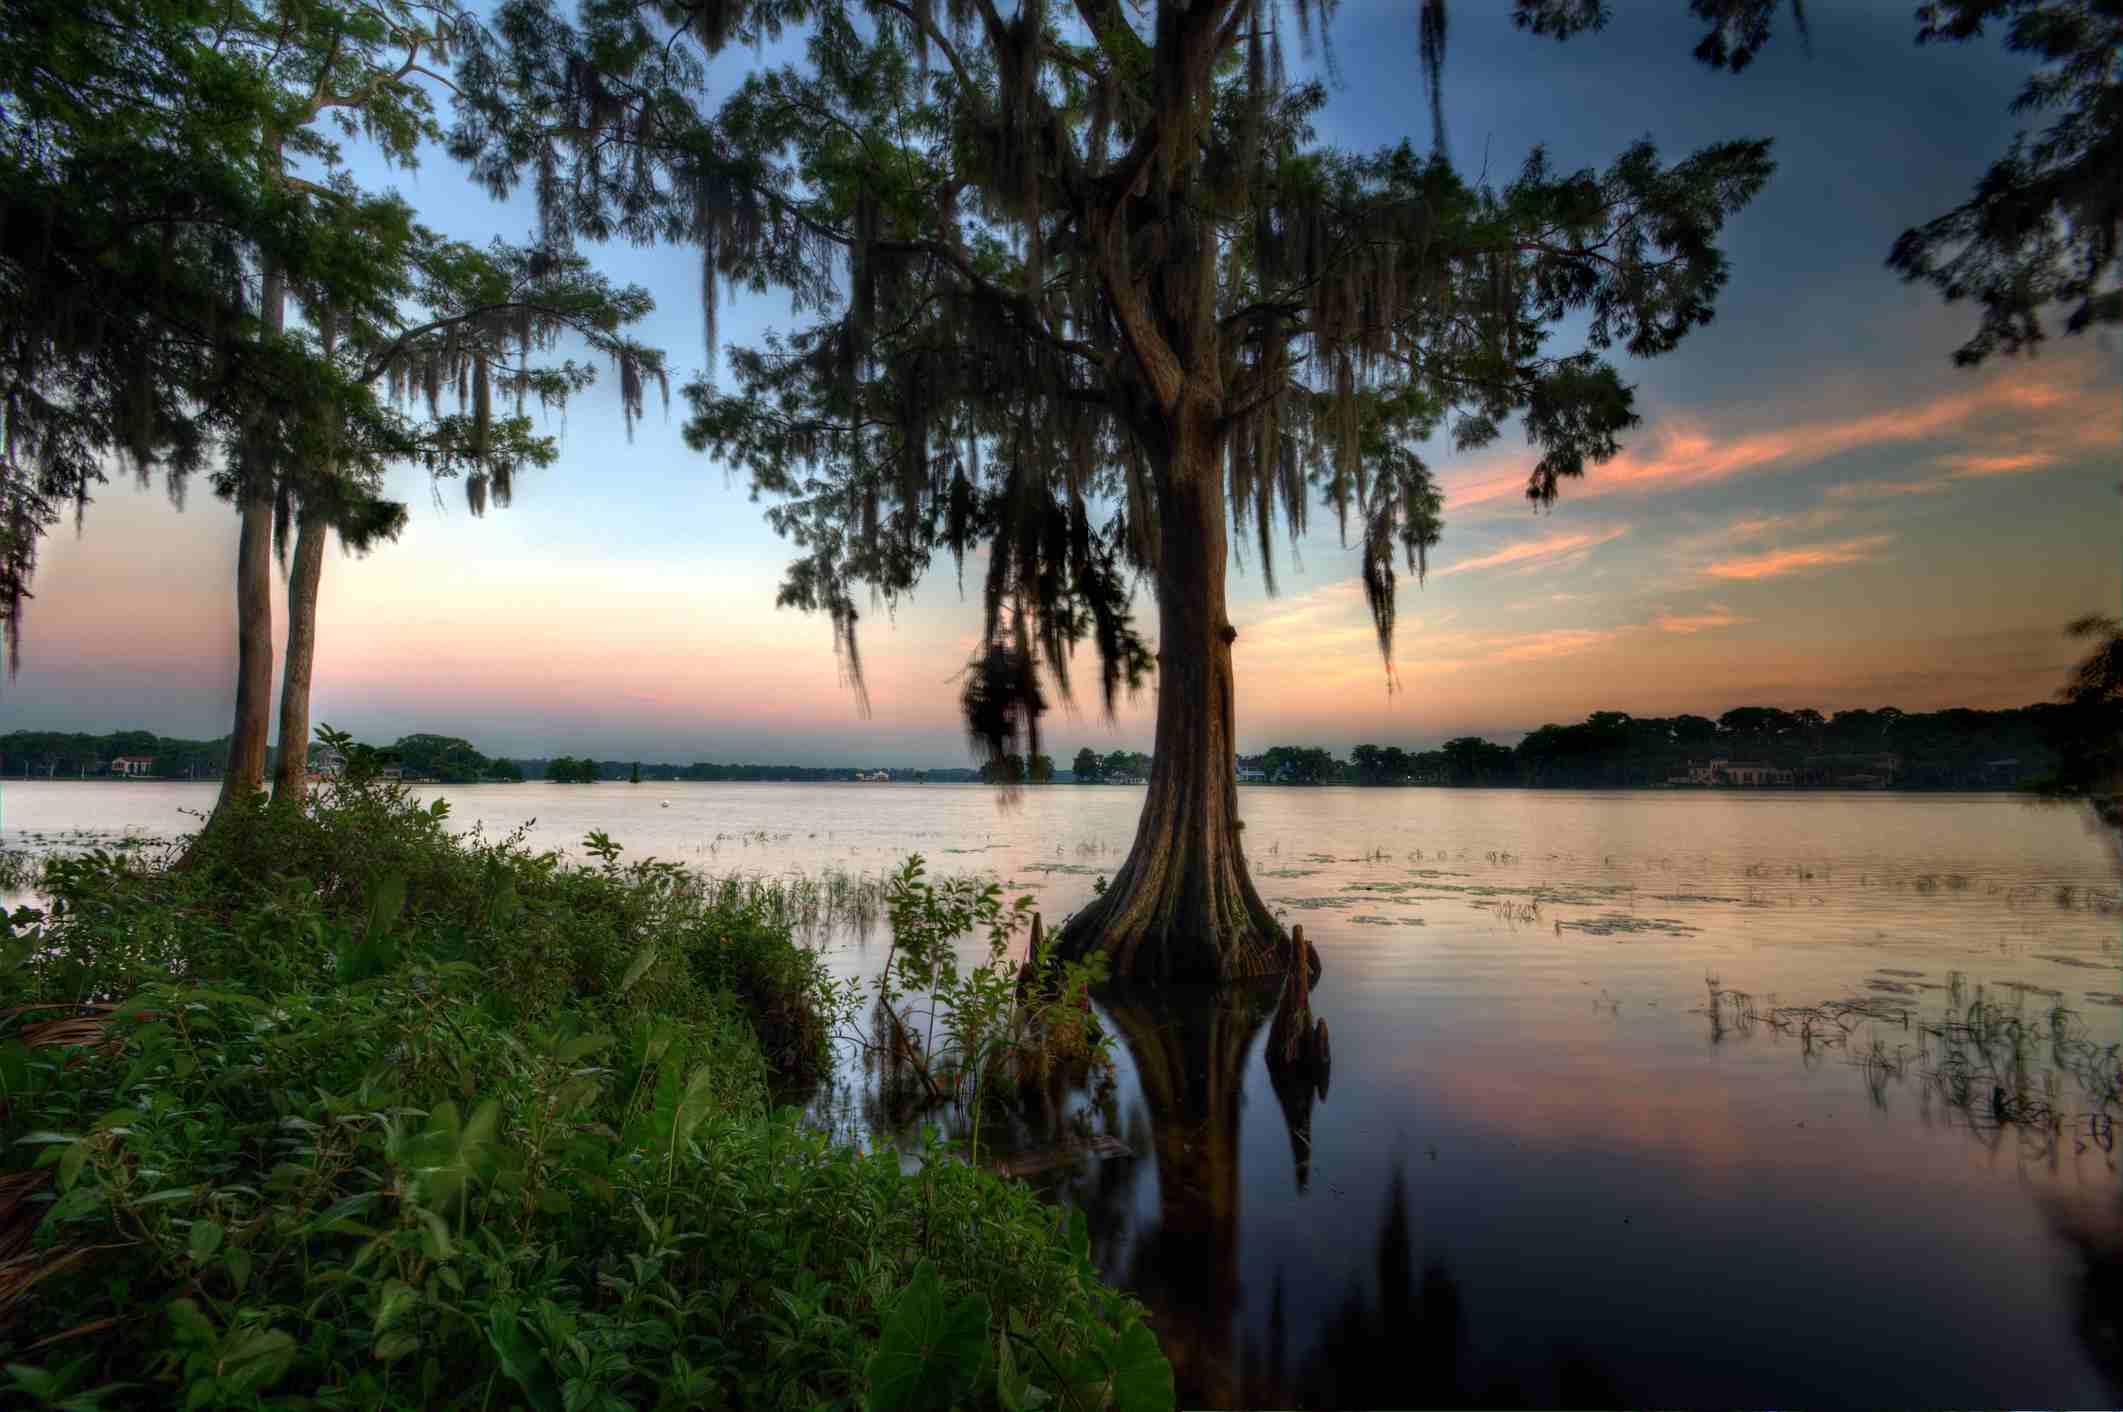 Sunrise over lake Maitland in Winter park, FL